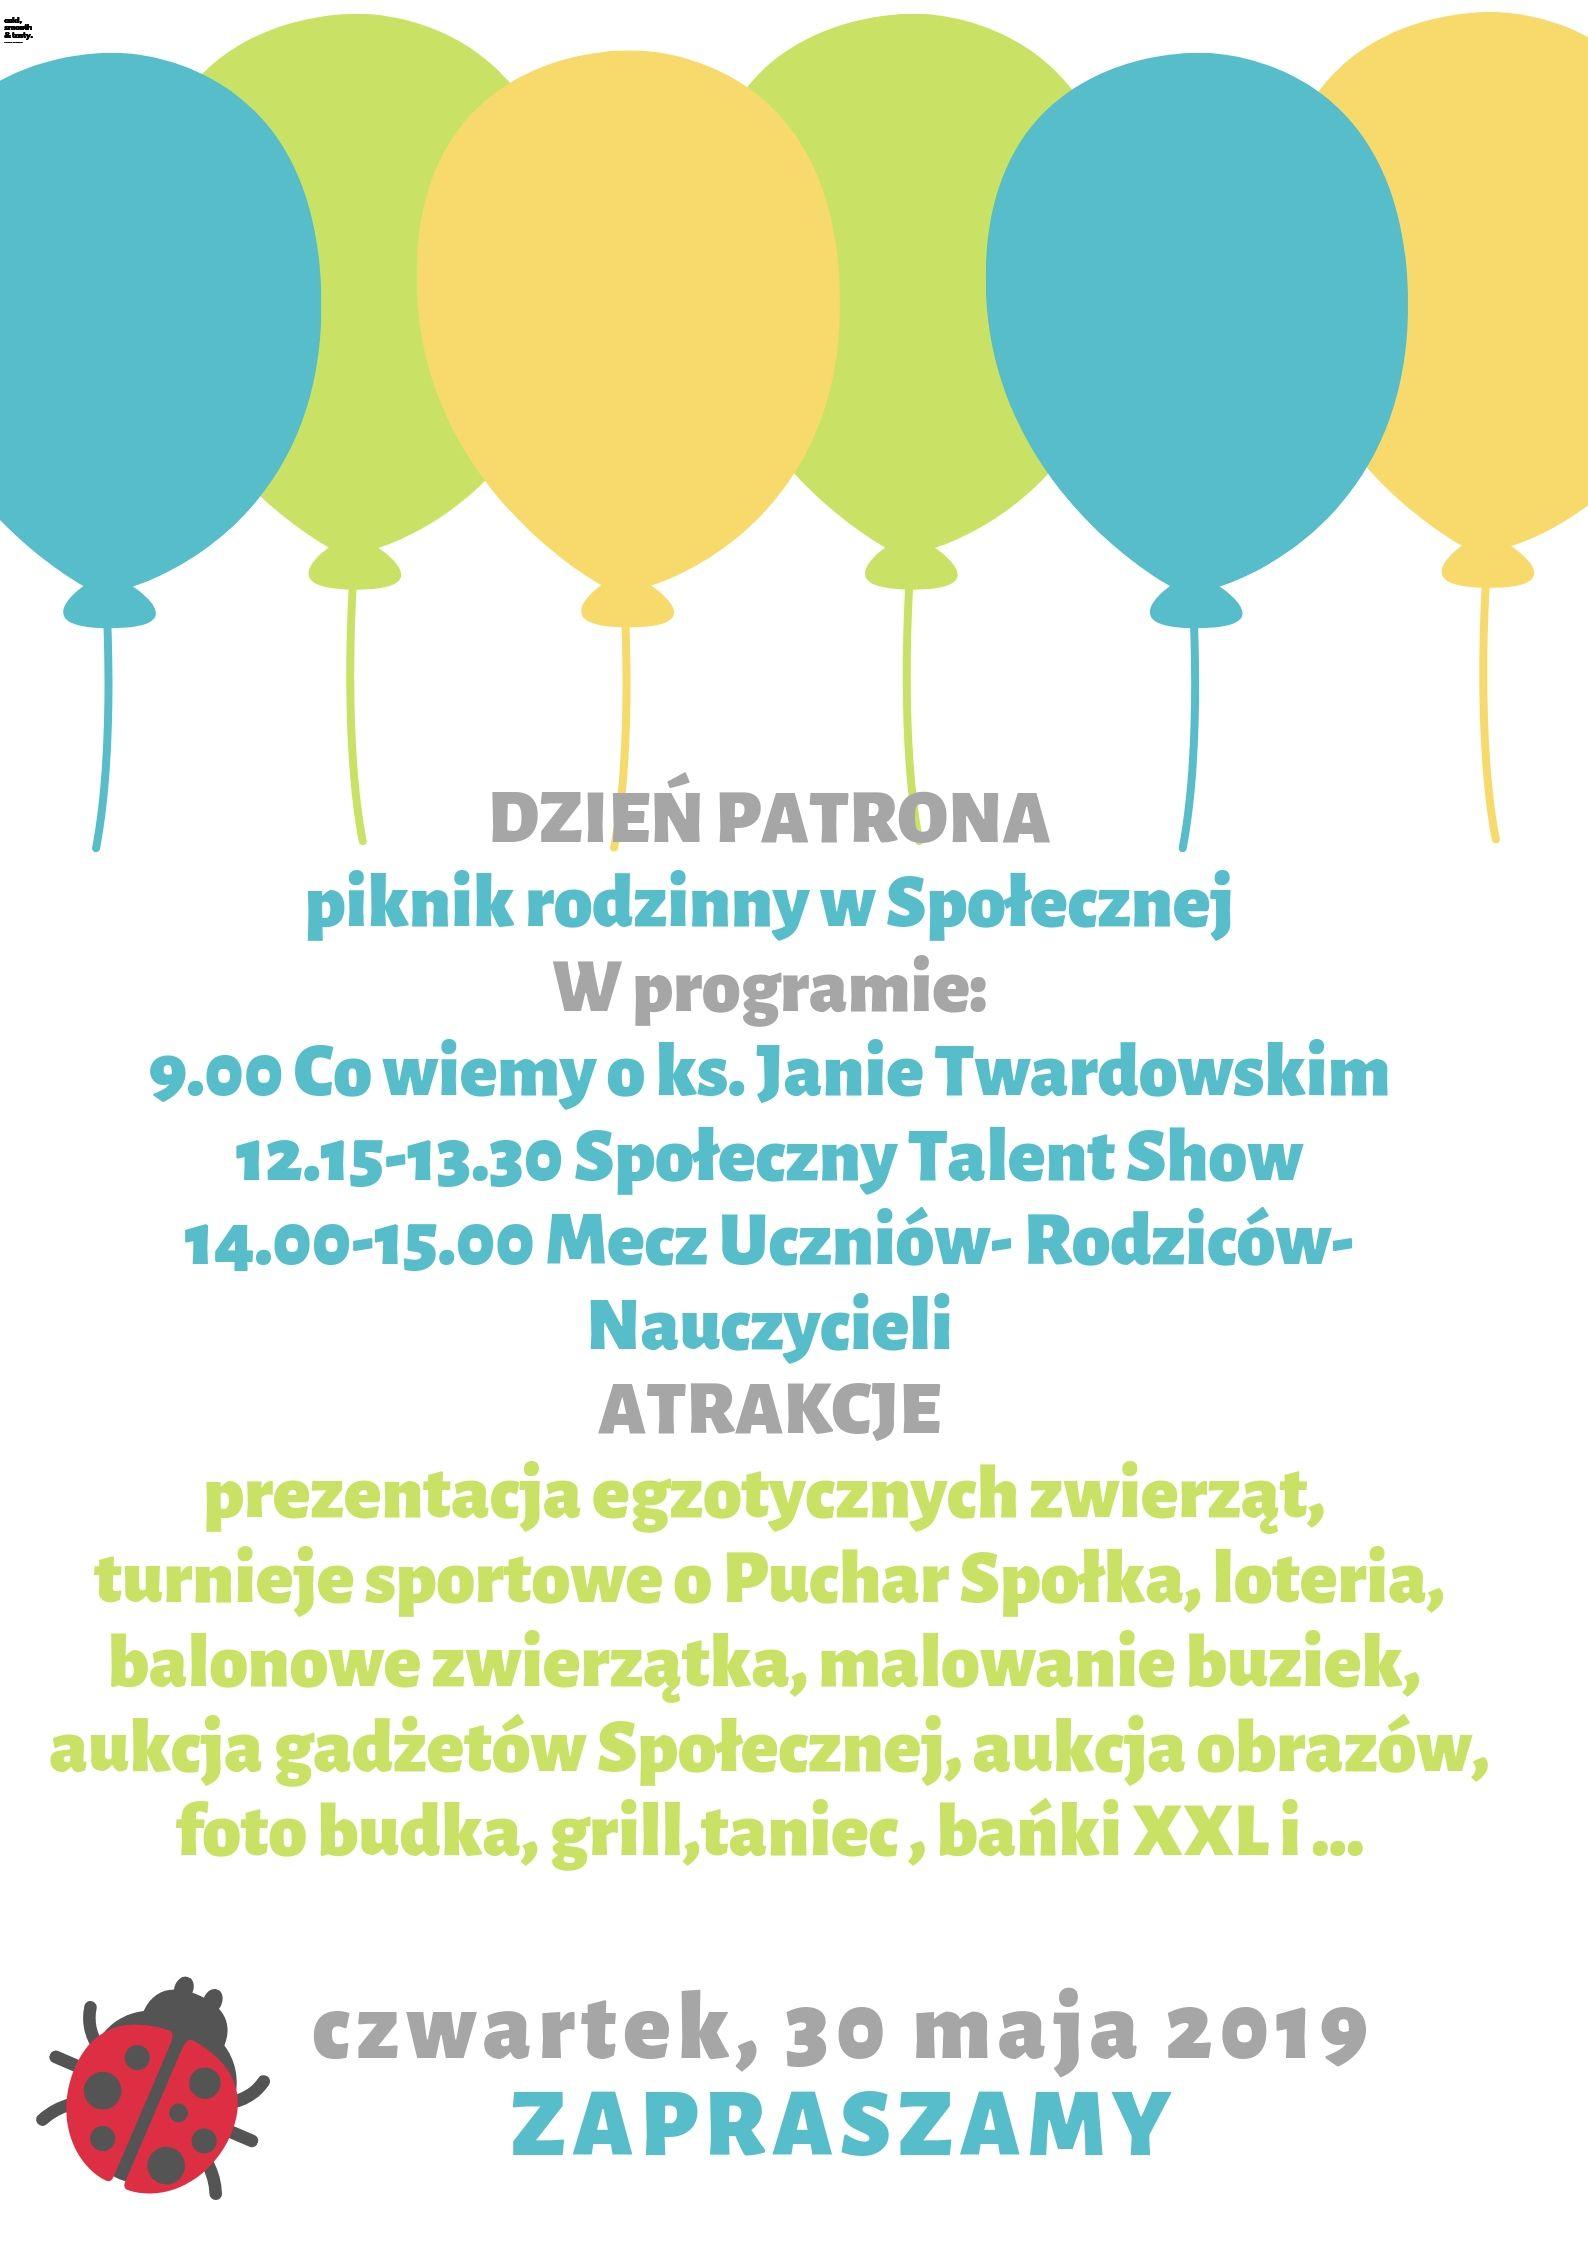 http://dobraszkola.edu.pl/gfx/upload/AKTUALNOŚCI/Dzień Patrona.jpg